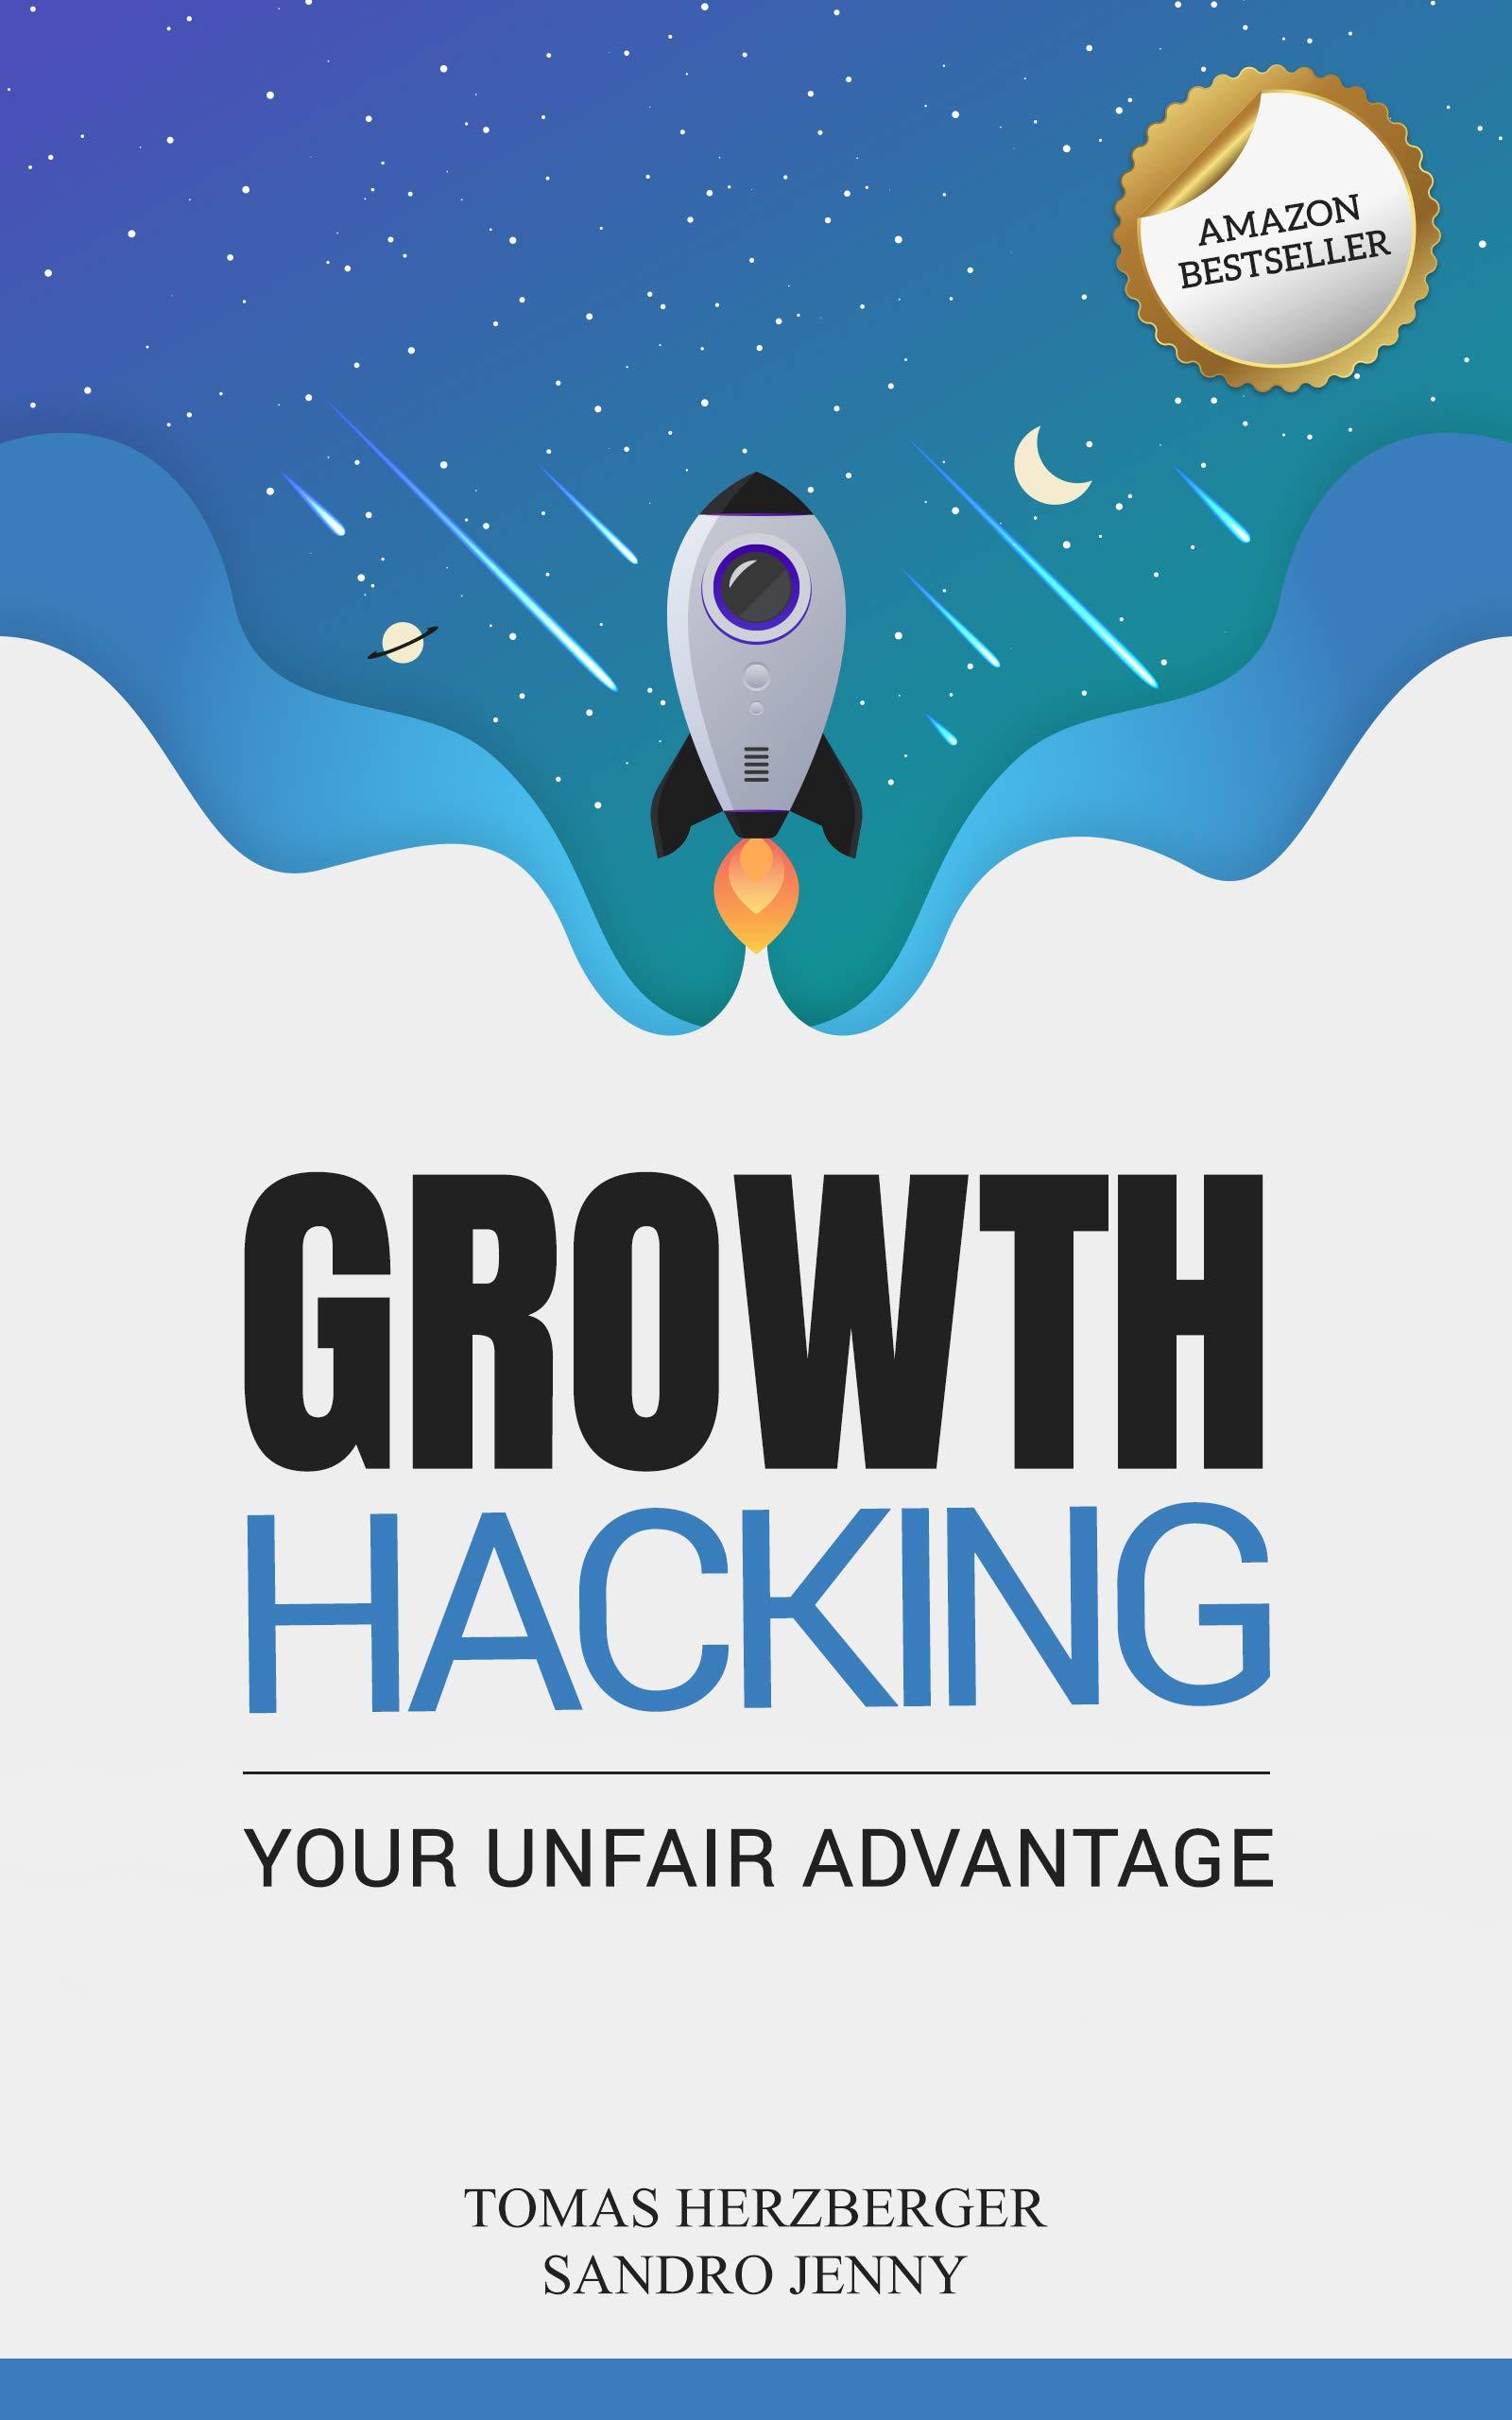 Growth Hacking: Your Unfair Advantage